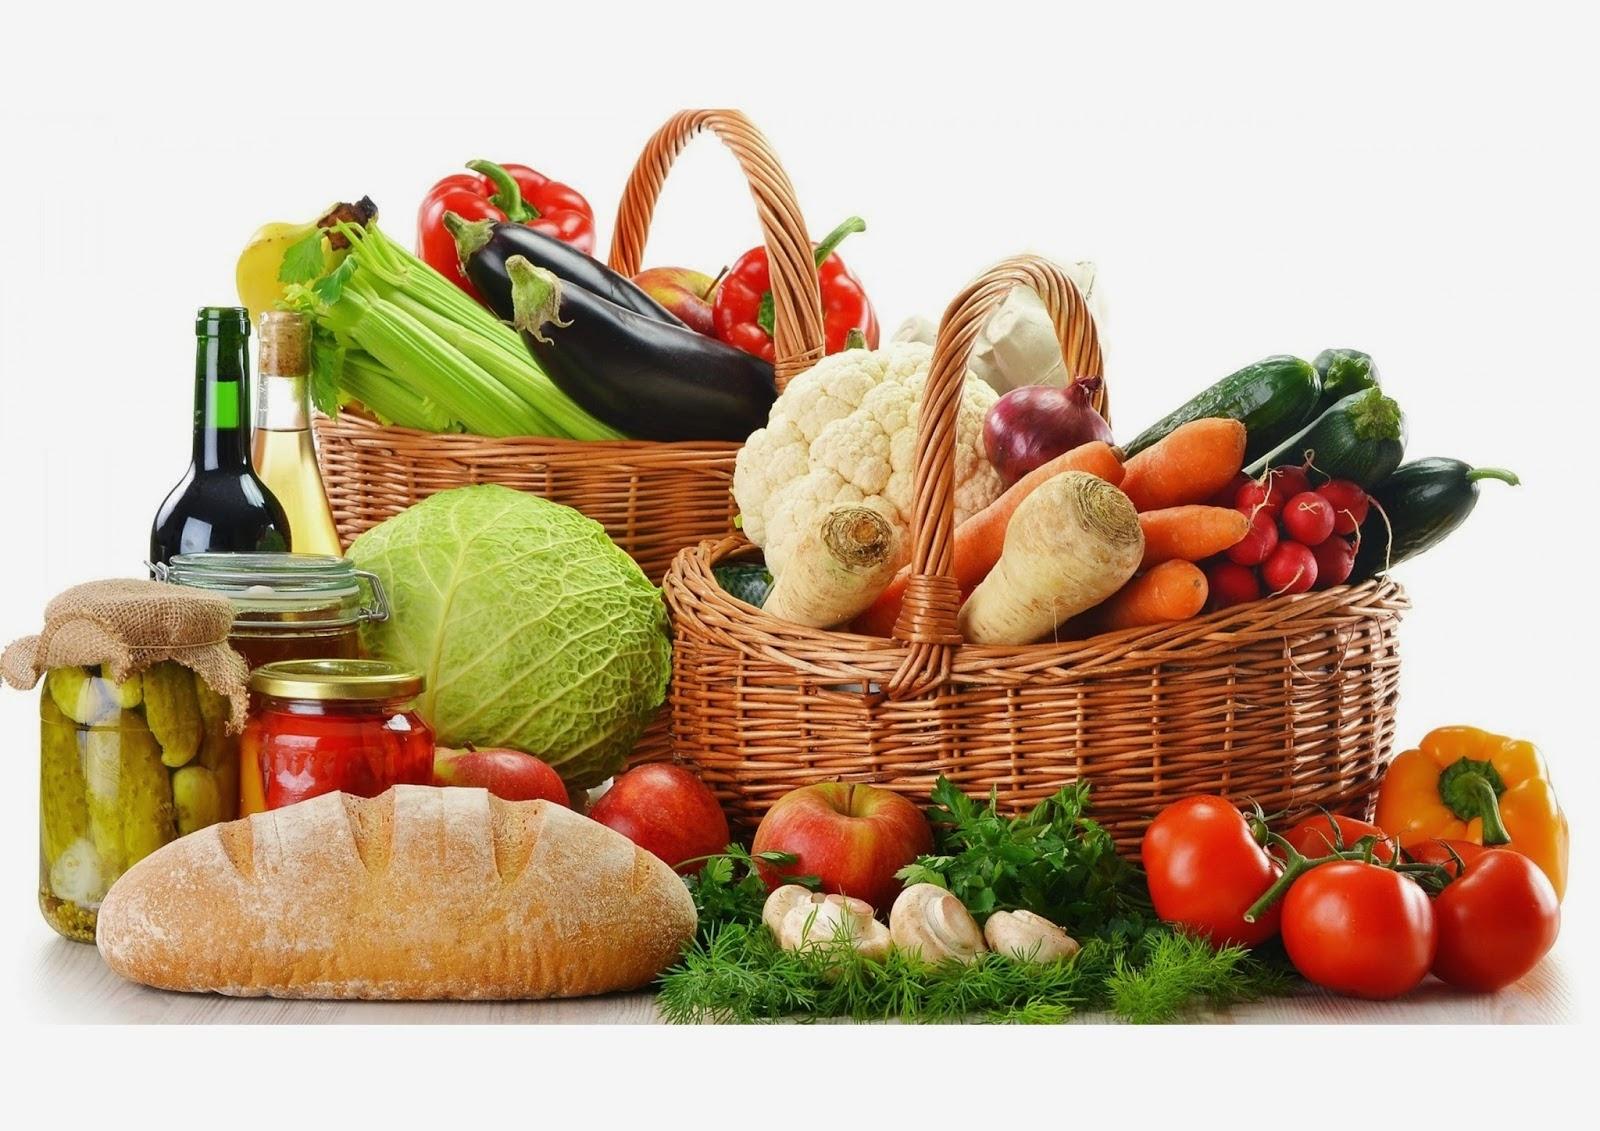 8 Makanan Yang Bisa Mempercepat Proses Penuaan